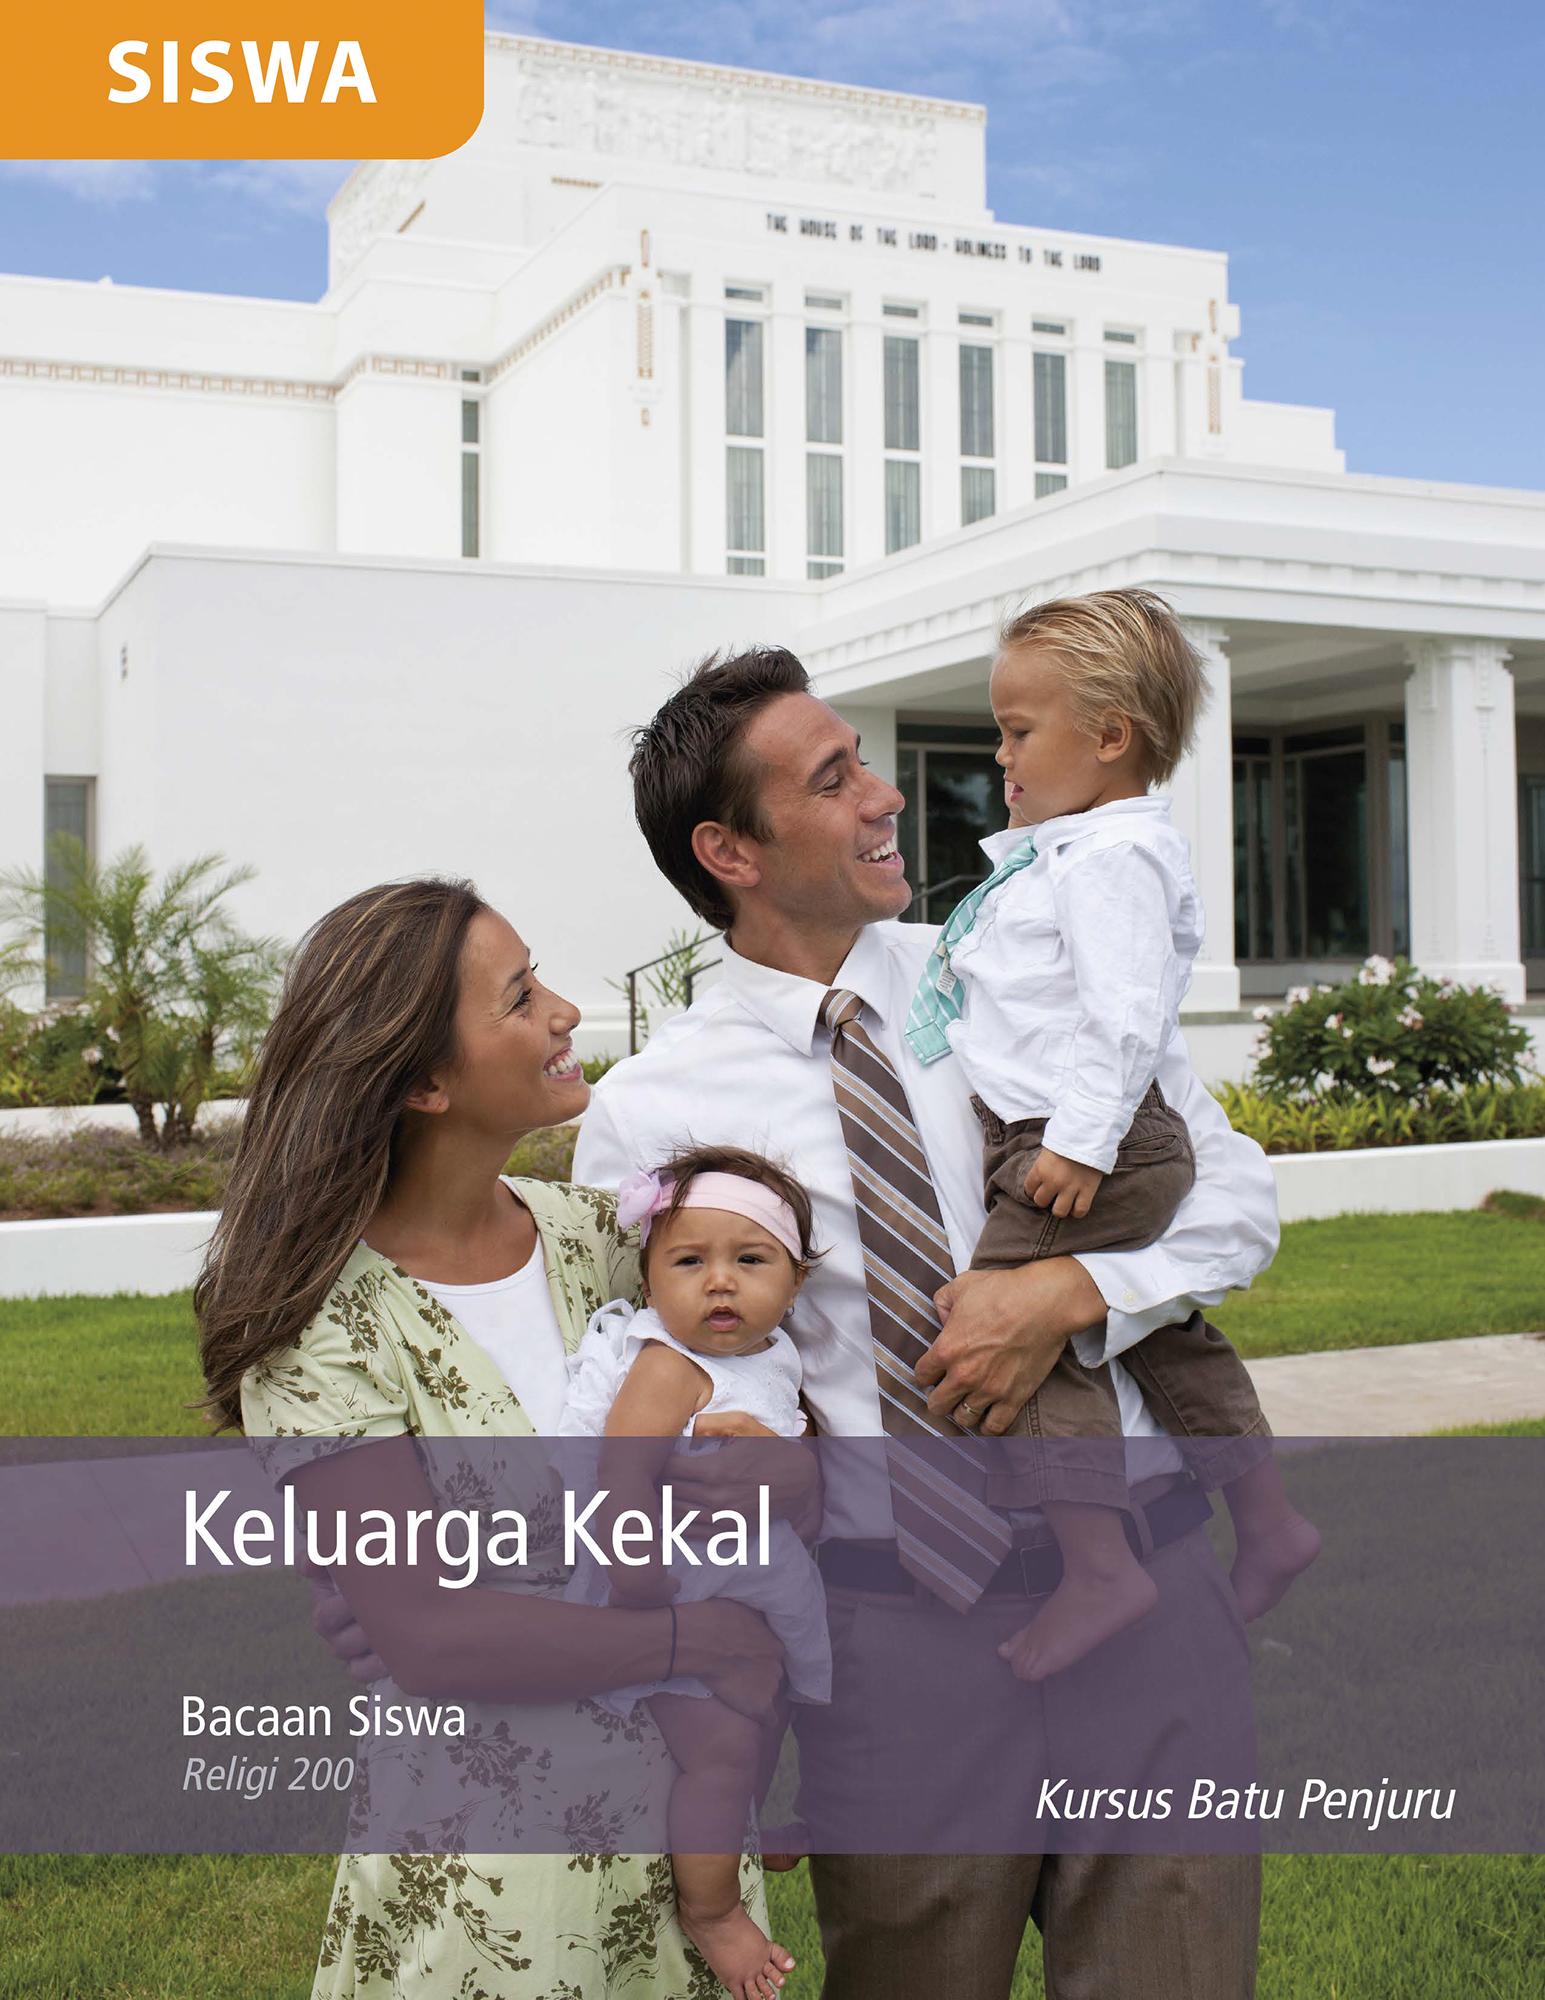 Bacaan Siswa Keluarga Kekal (Religi 200)